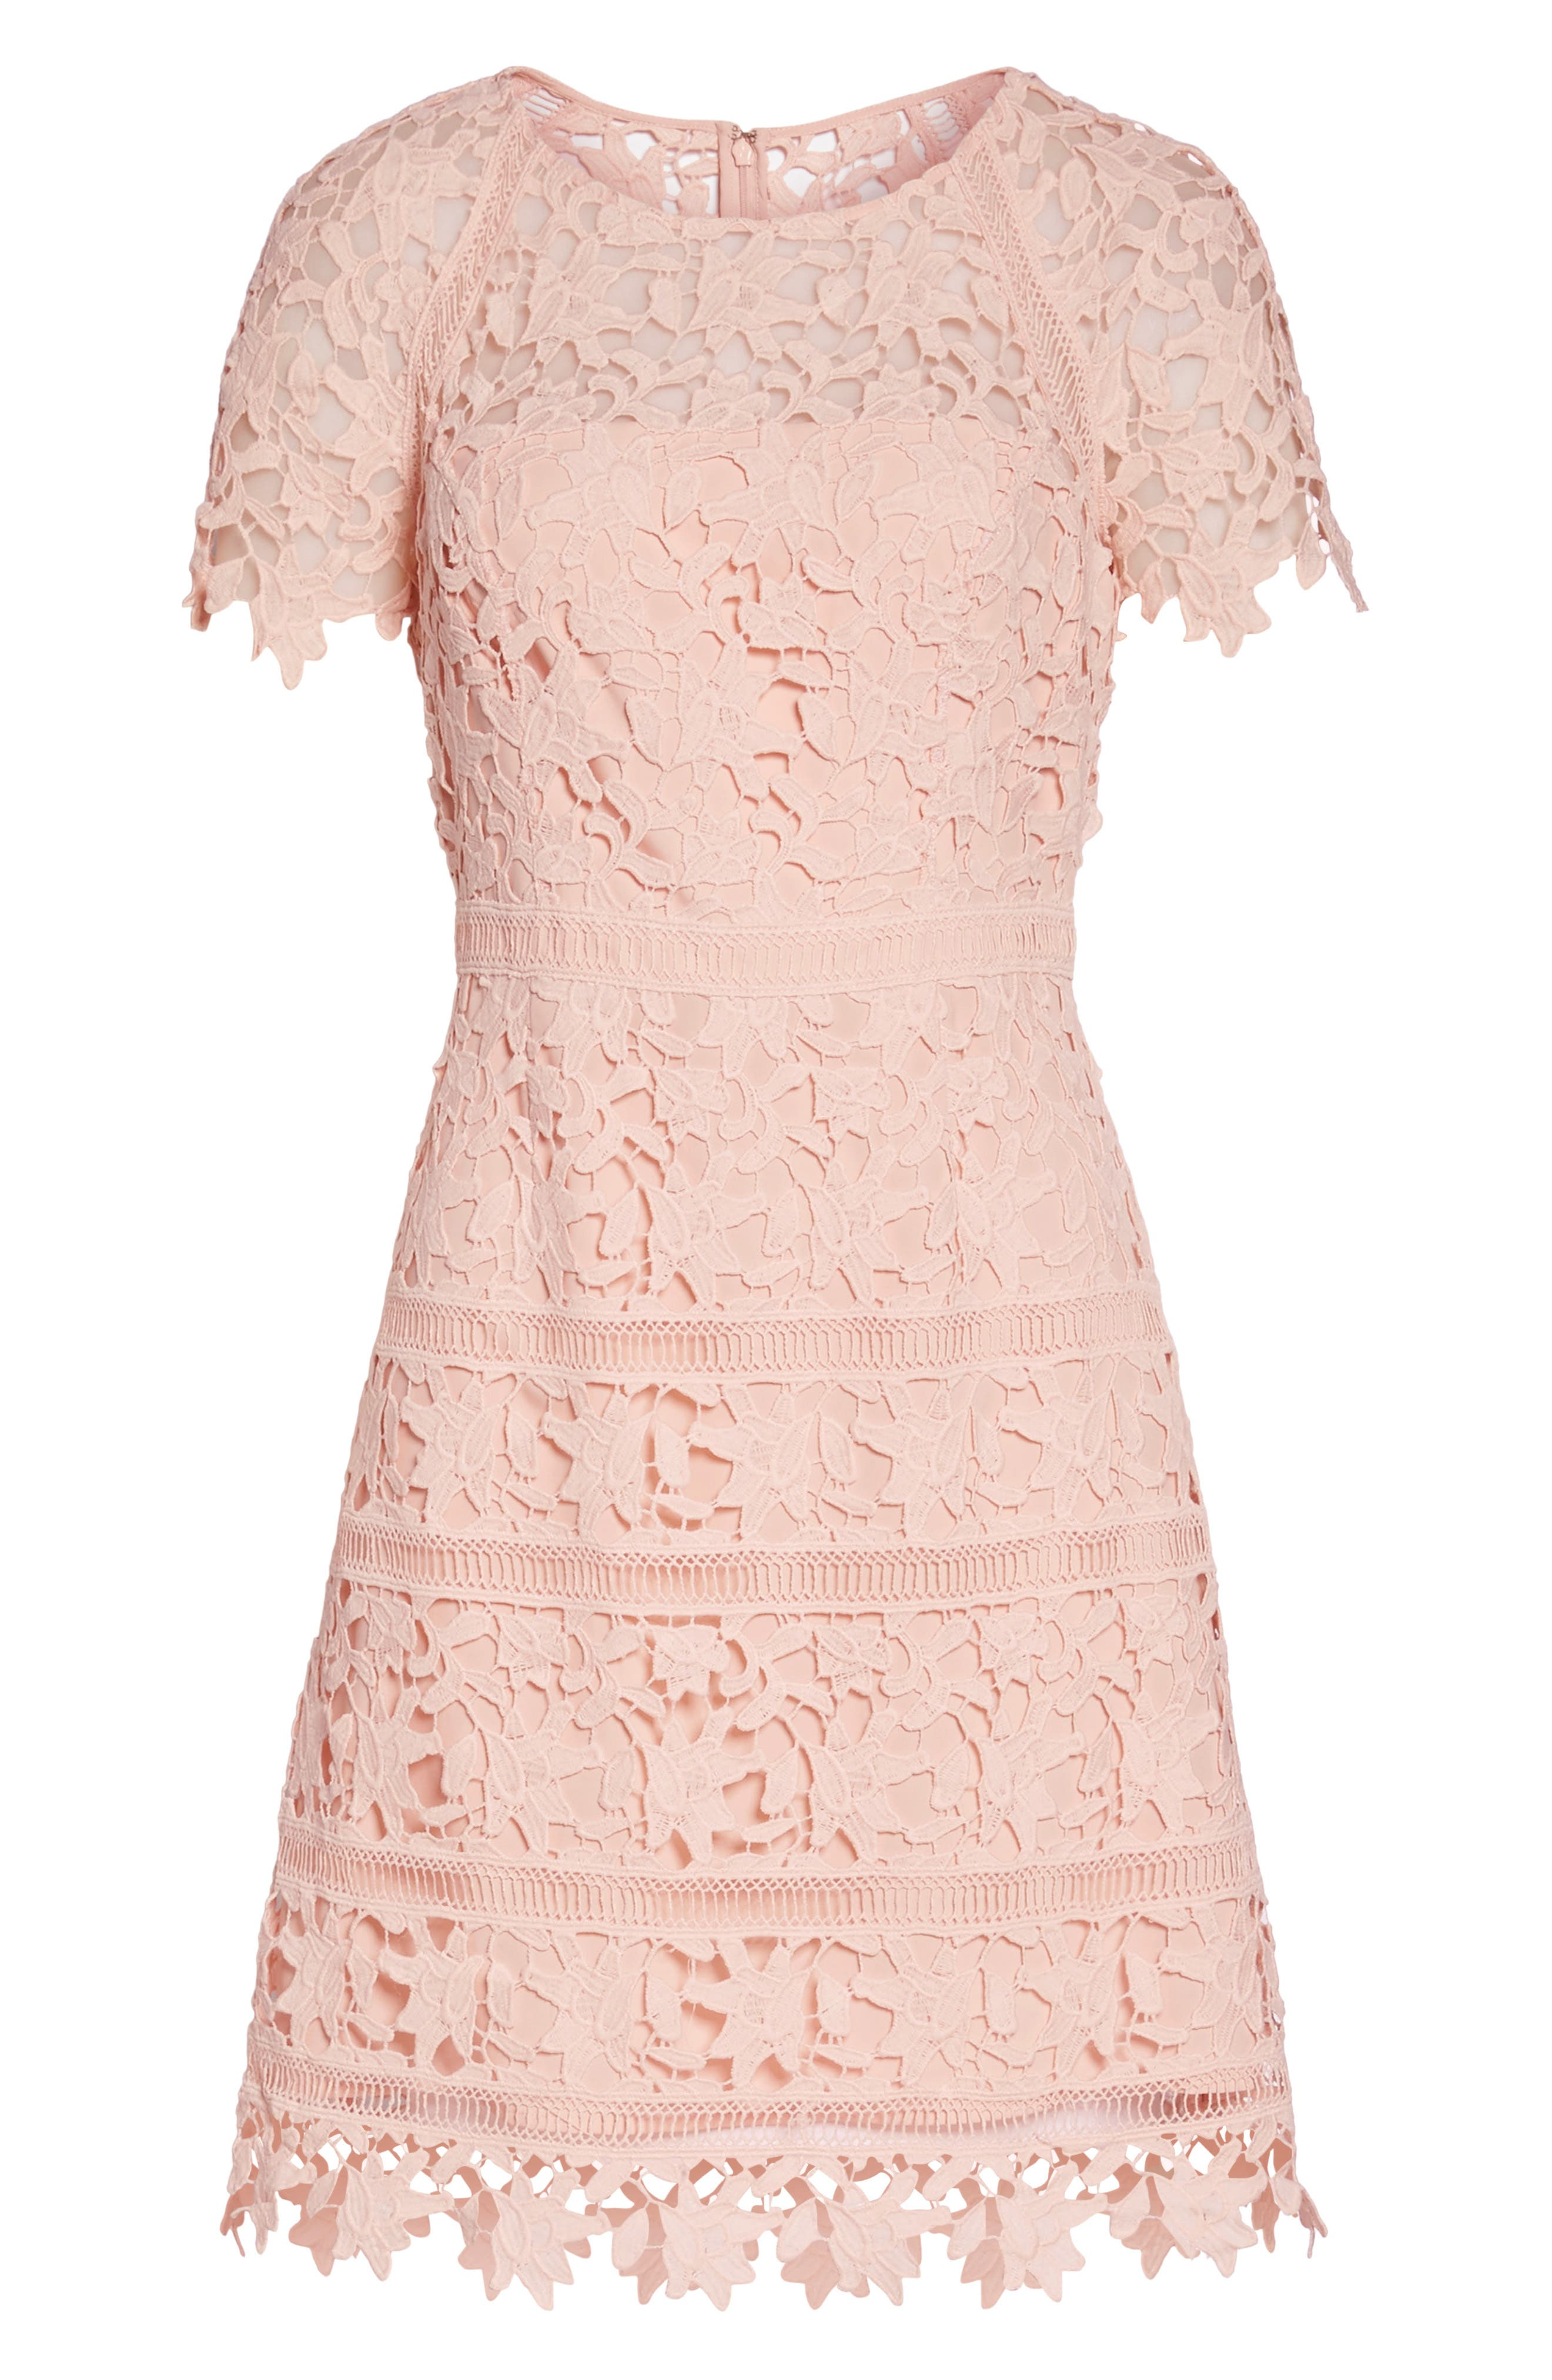 Crochet Overlay Dress,                             Alternate thumbnail 7, color,                             Blush